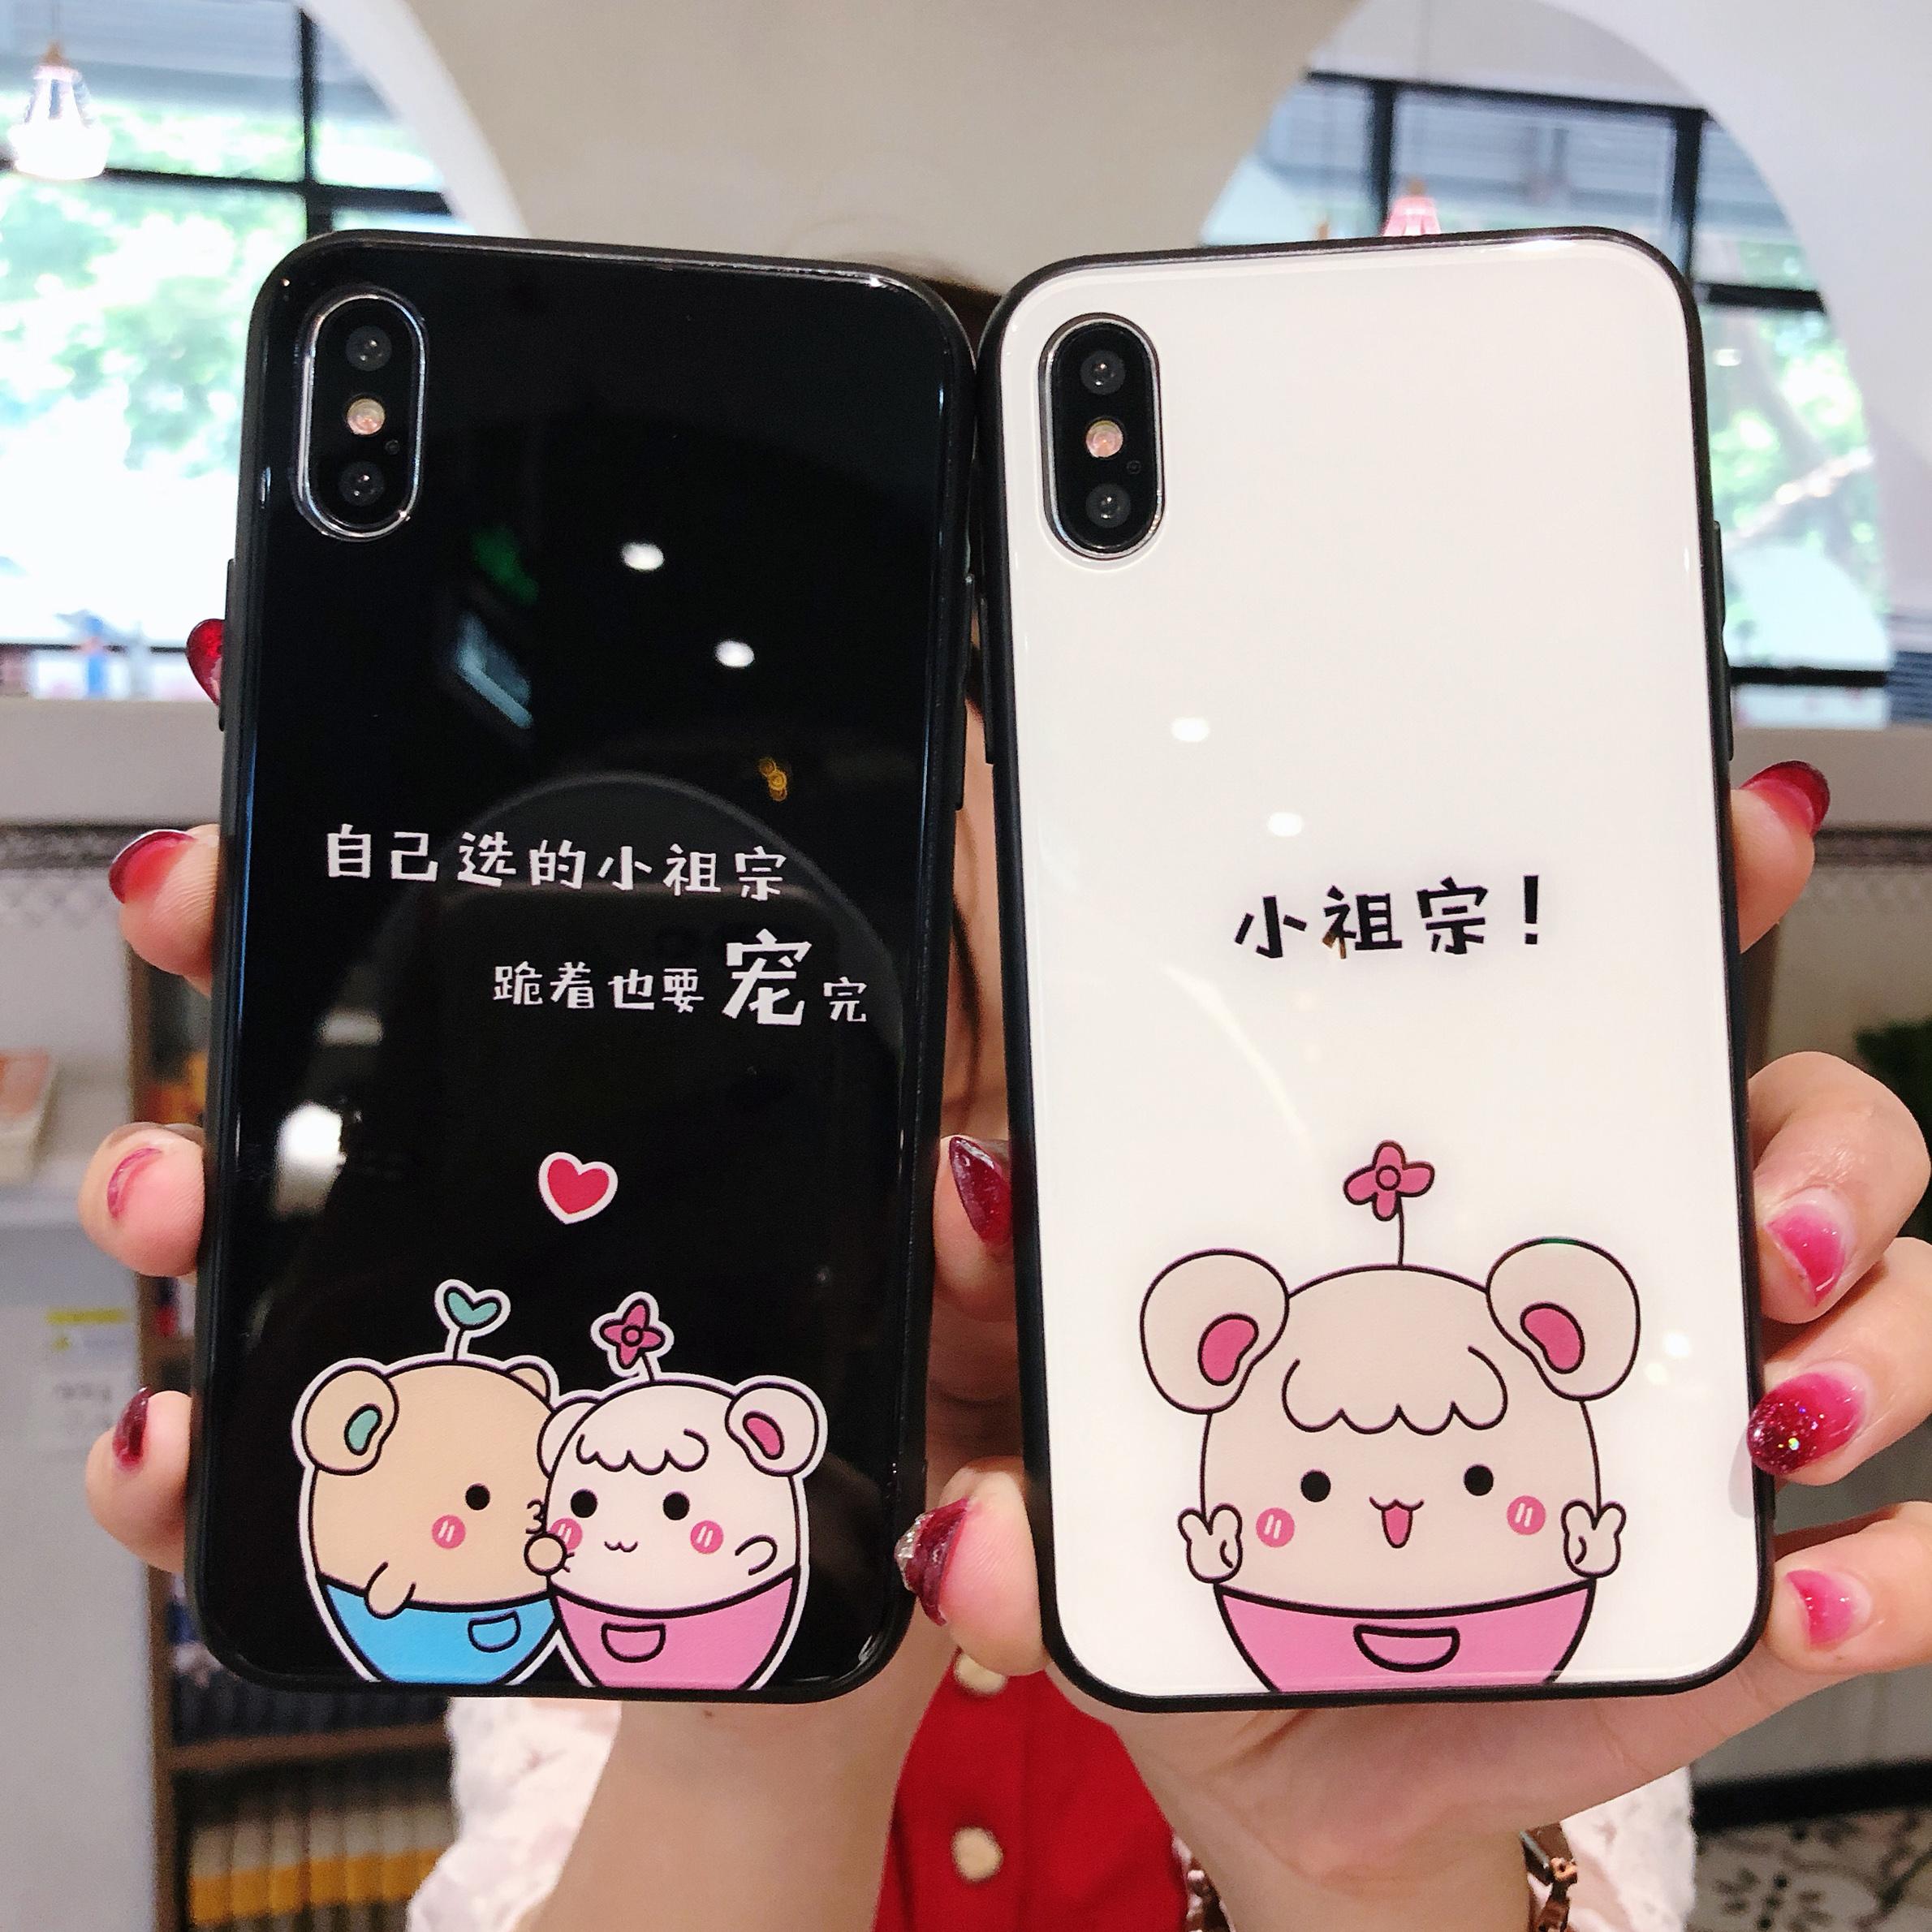 小祖宗个性卡通女r11s手机壳oppor9钢化玻璃壳r15情侣搞怪萌宠